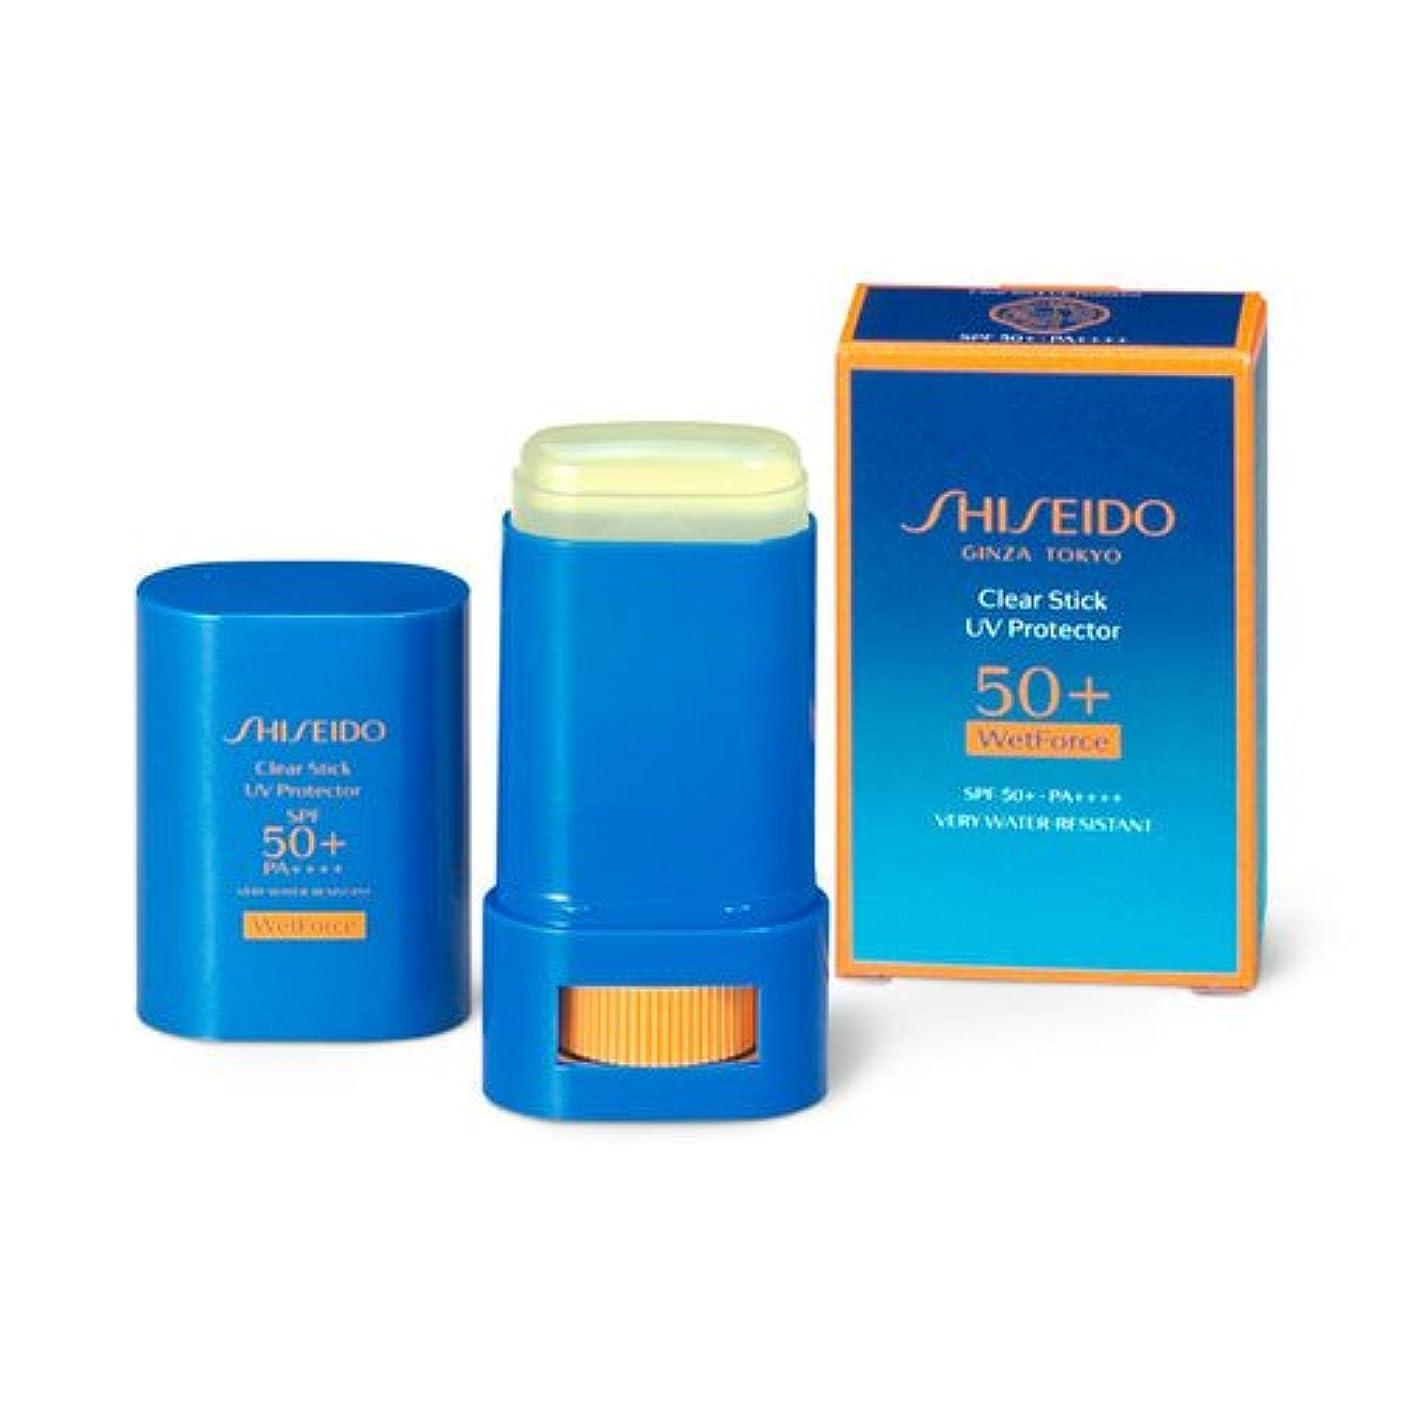 骨折十一呼吸SHISEIDO Suncare(資生堂 サンケア) SHISEIDO(資生堂) クリアスティック UVプロテクター 15g